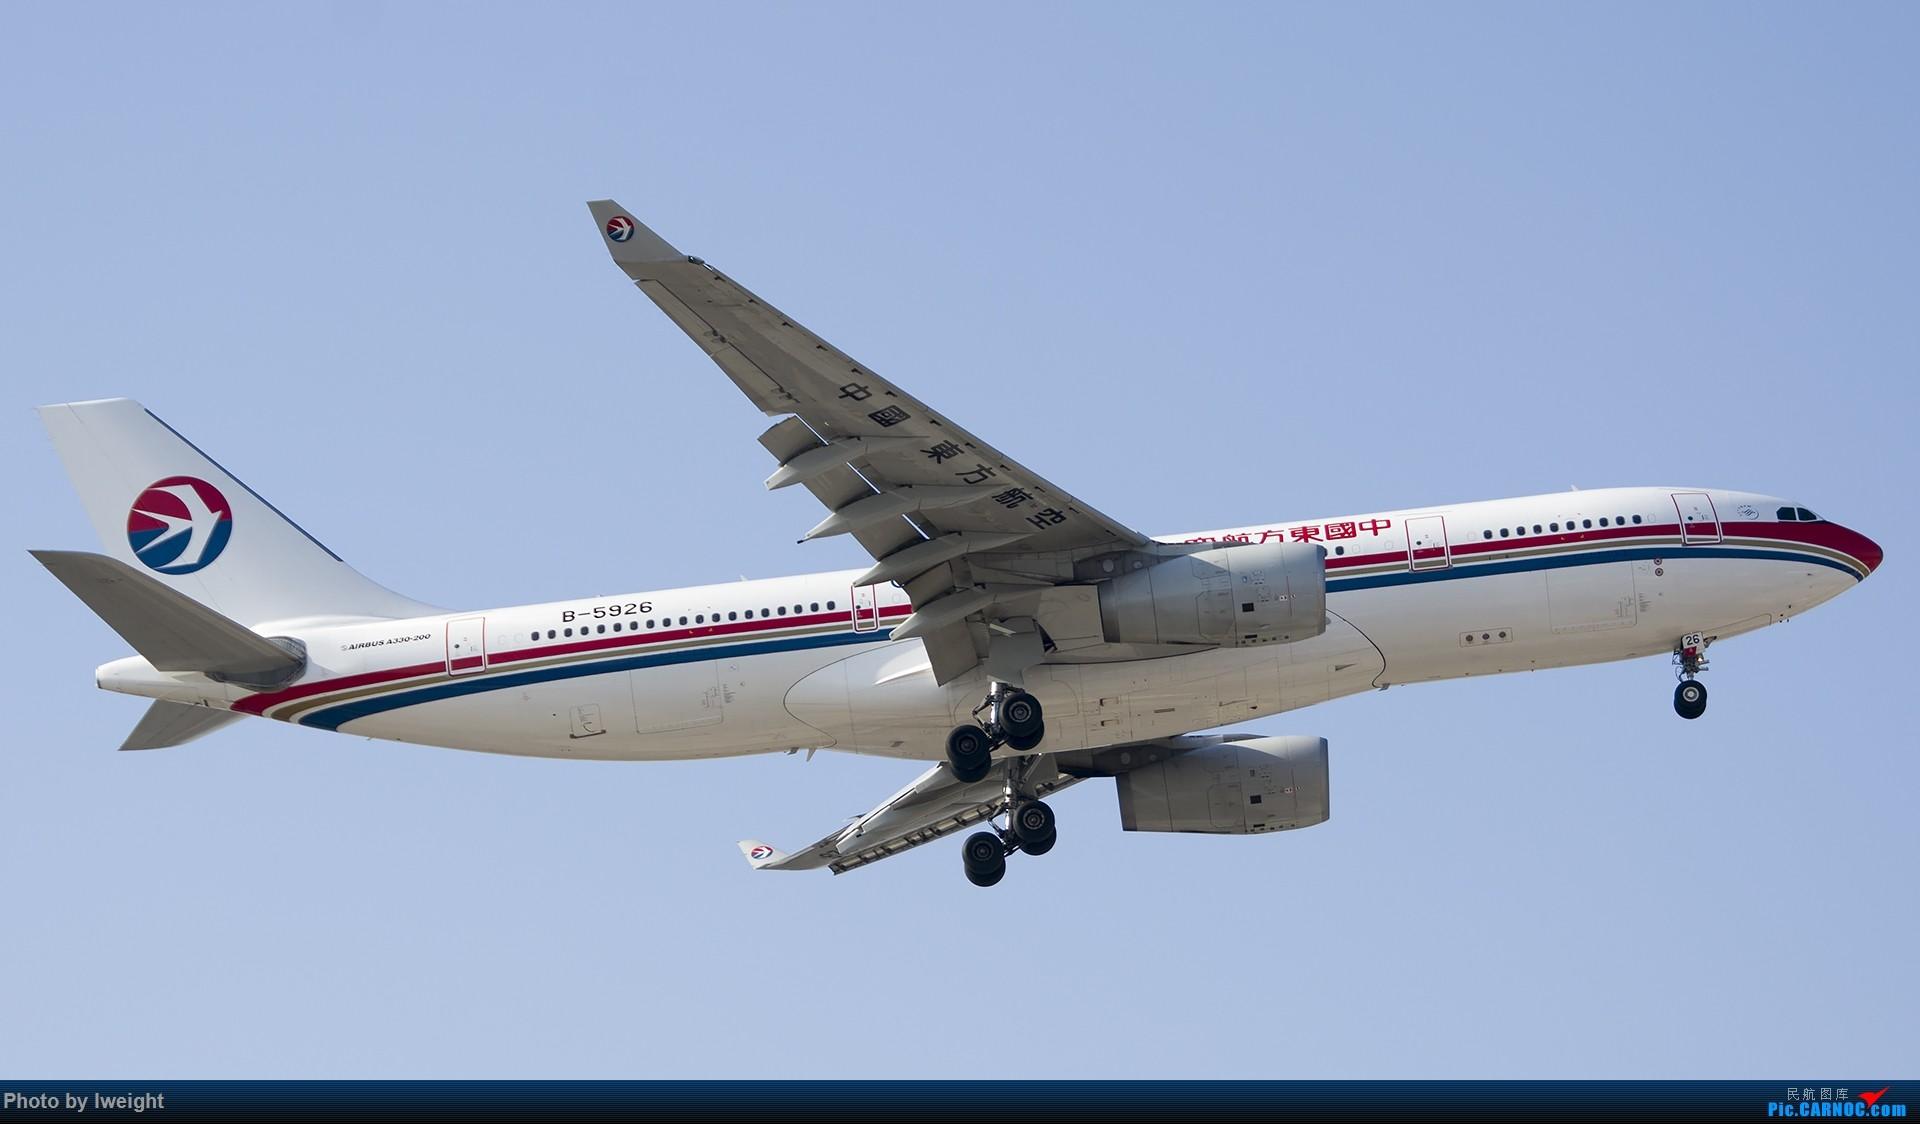 Re:[原创]2014-12-02 ZBAA随拍 AIRBUS A330-200 B-5926 中国北京首都国际机场